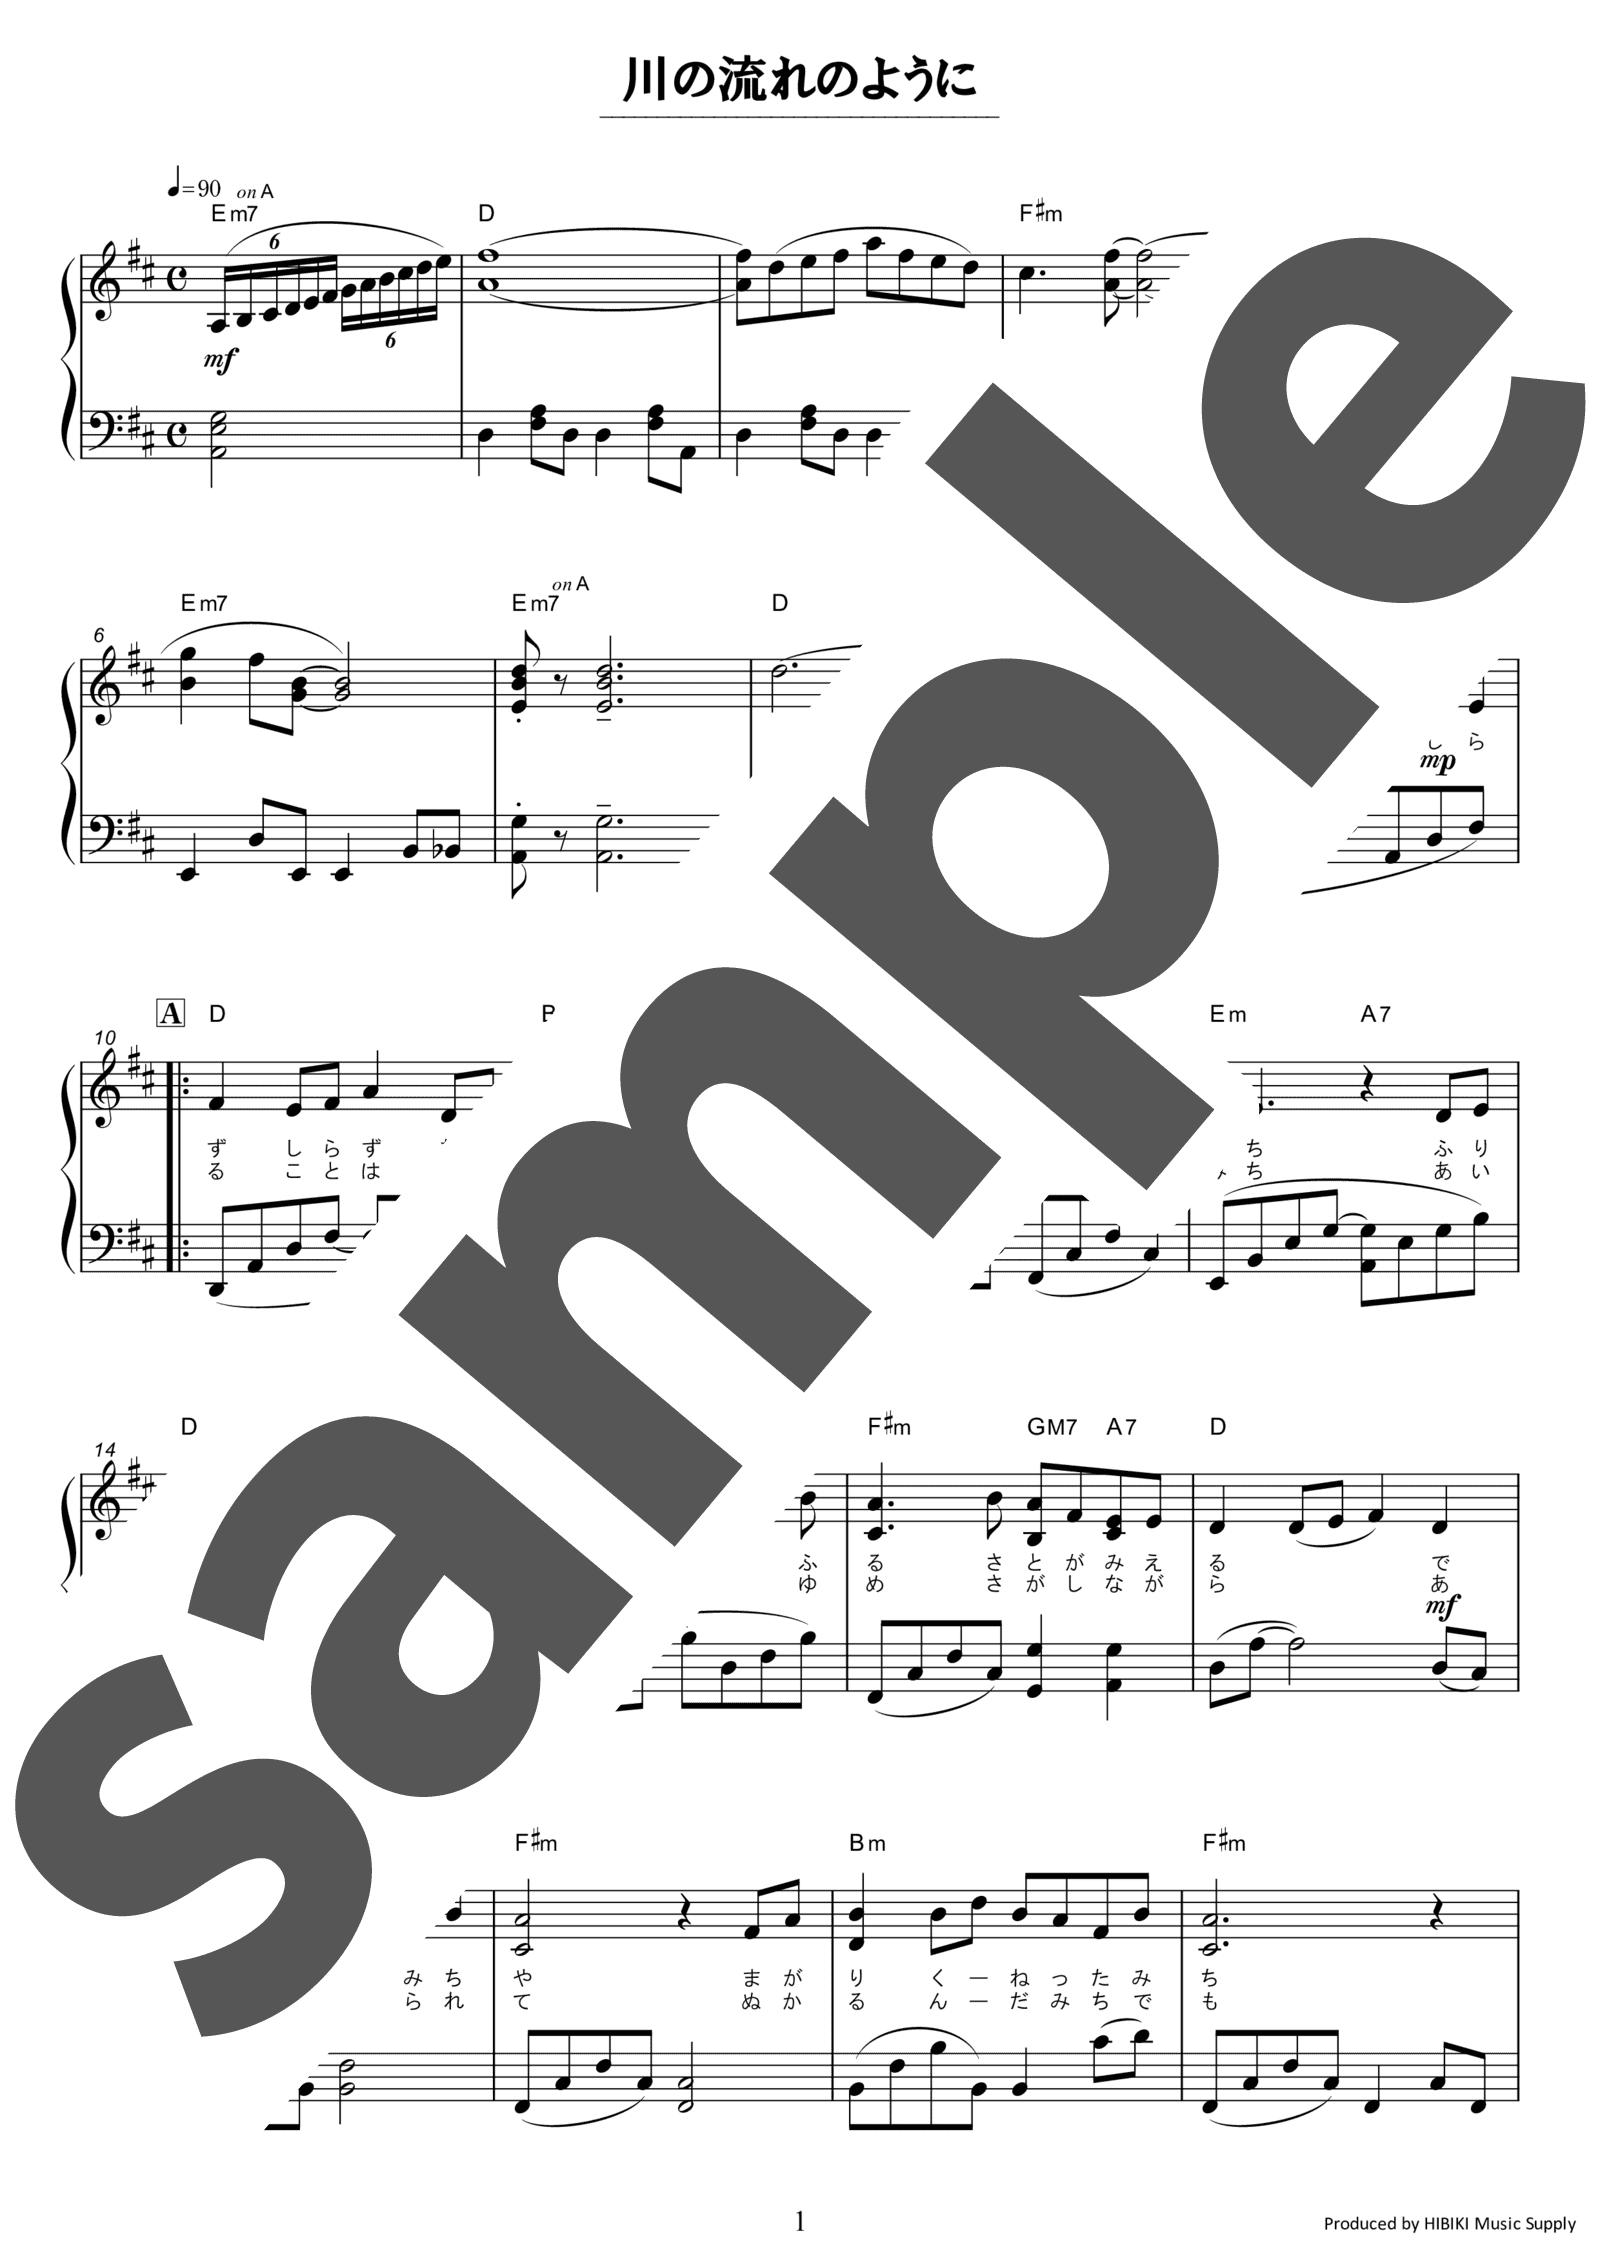 「川の流れのように」のサンプル楽譜